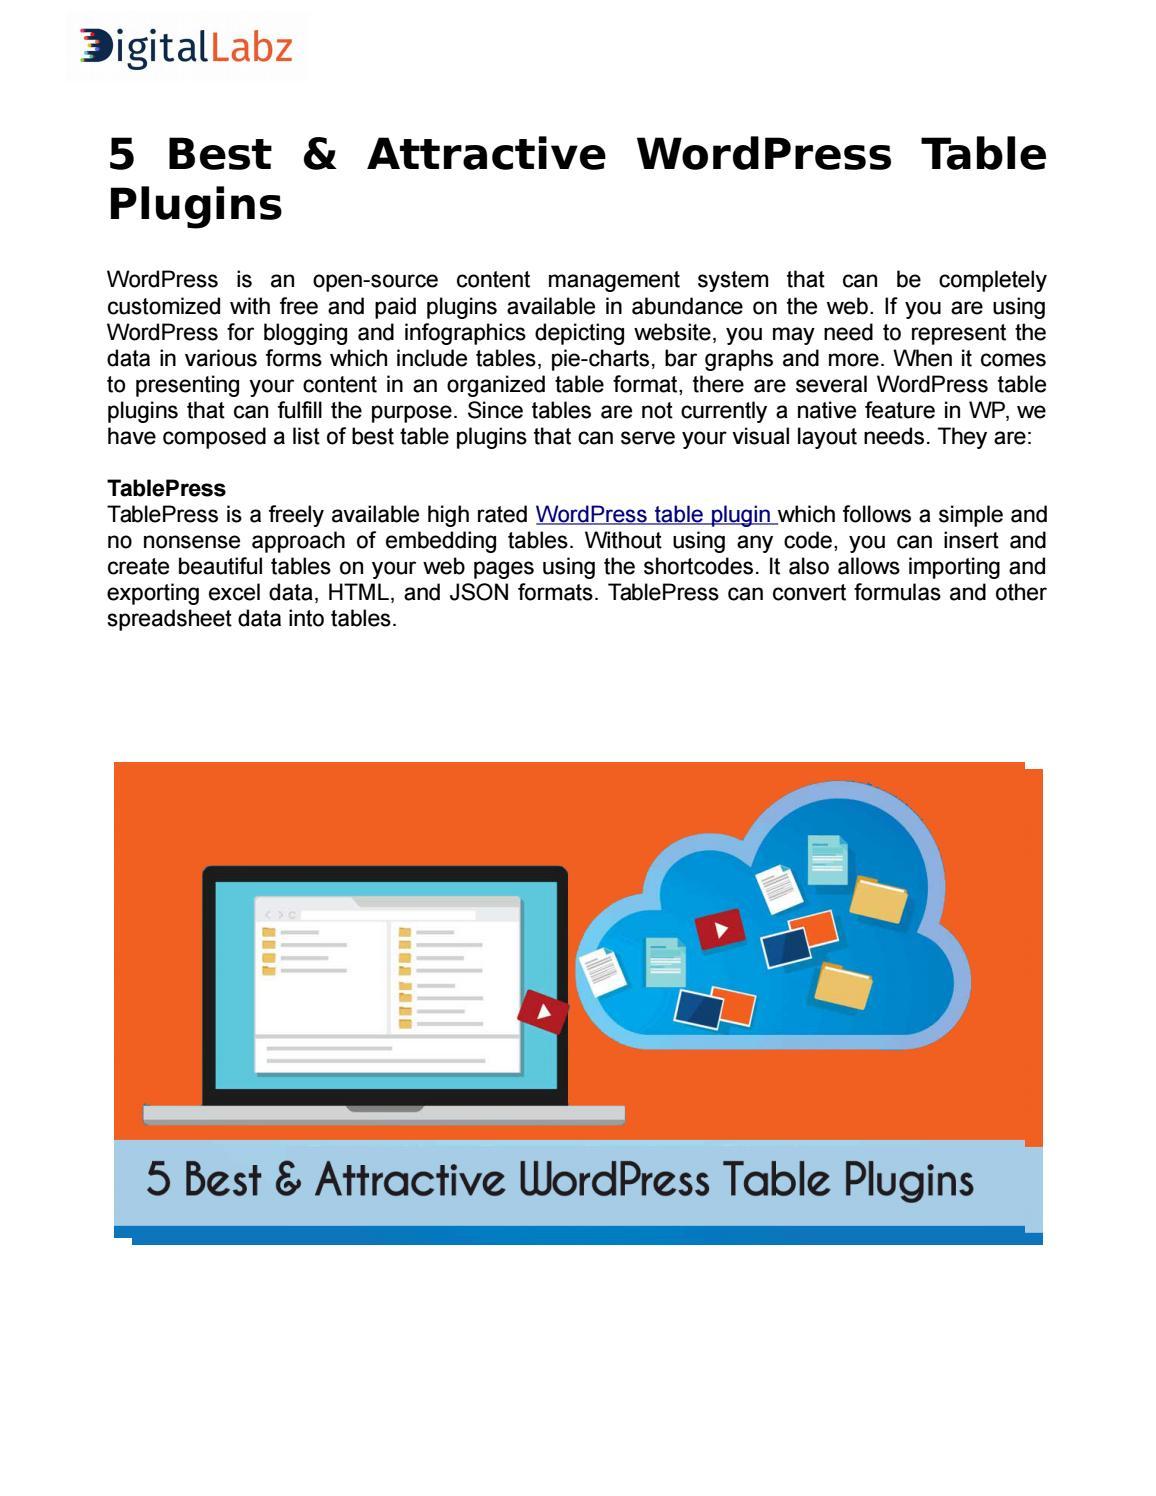 Kitchener Website Design & Development - Digital labz by Web